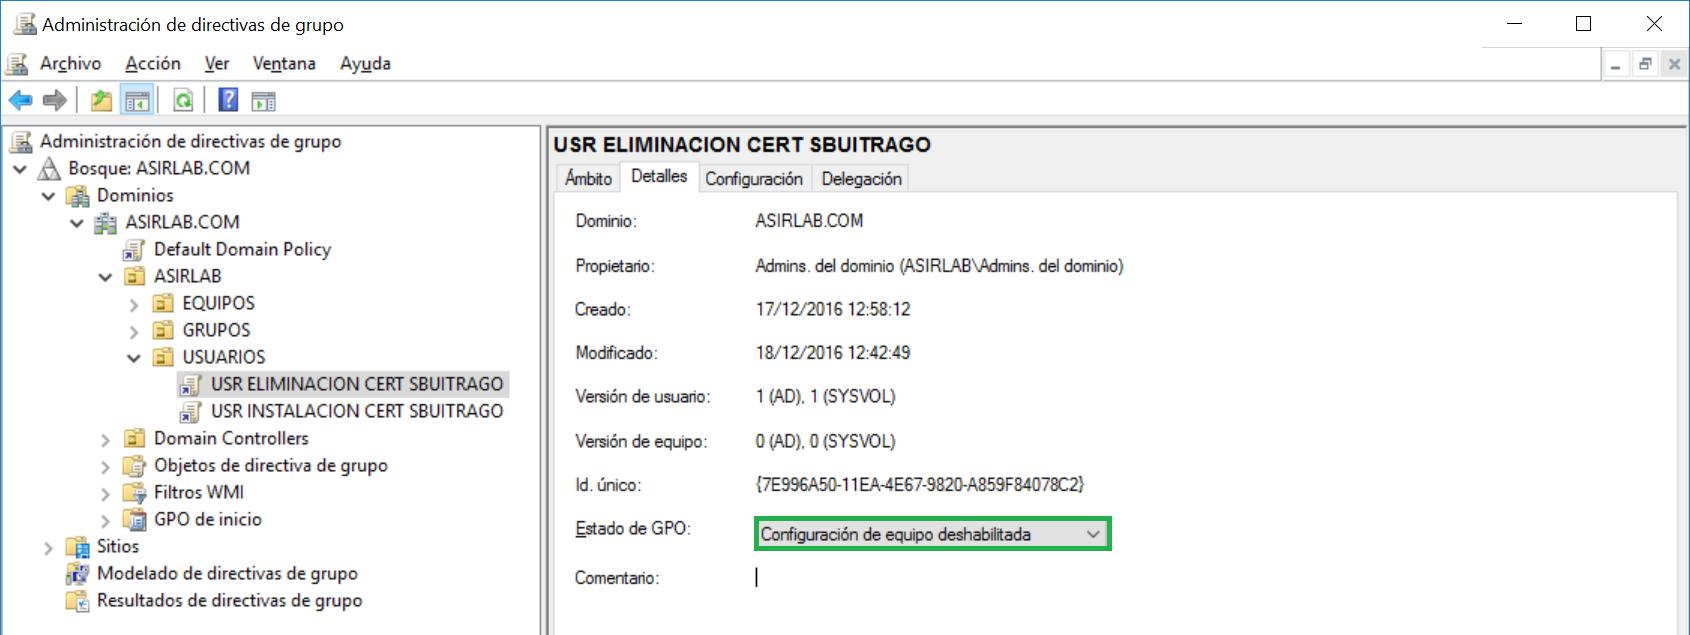 instalar_certificados_usuarios_via_gpo_50